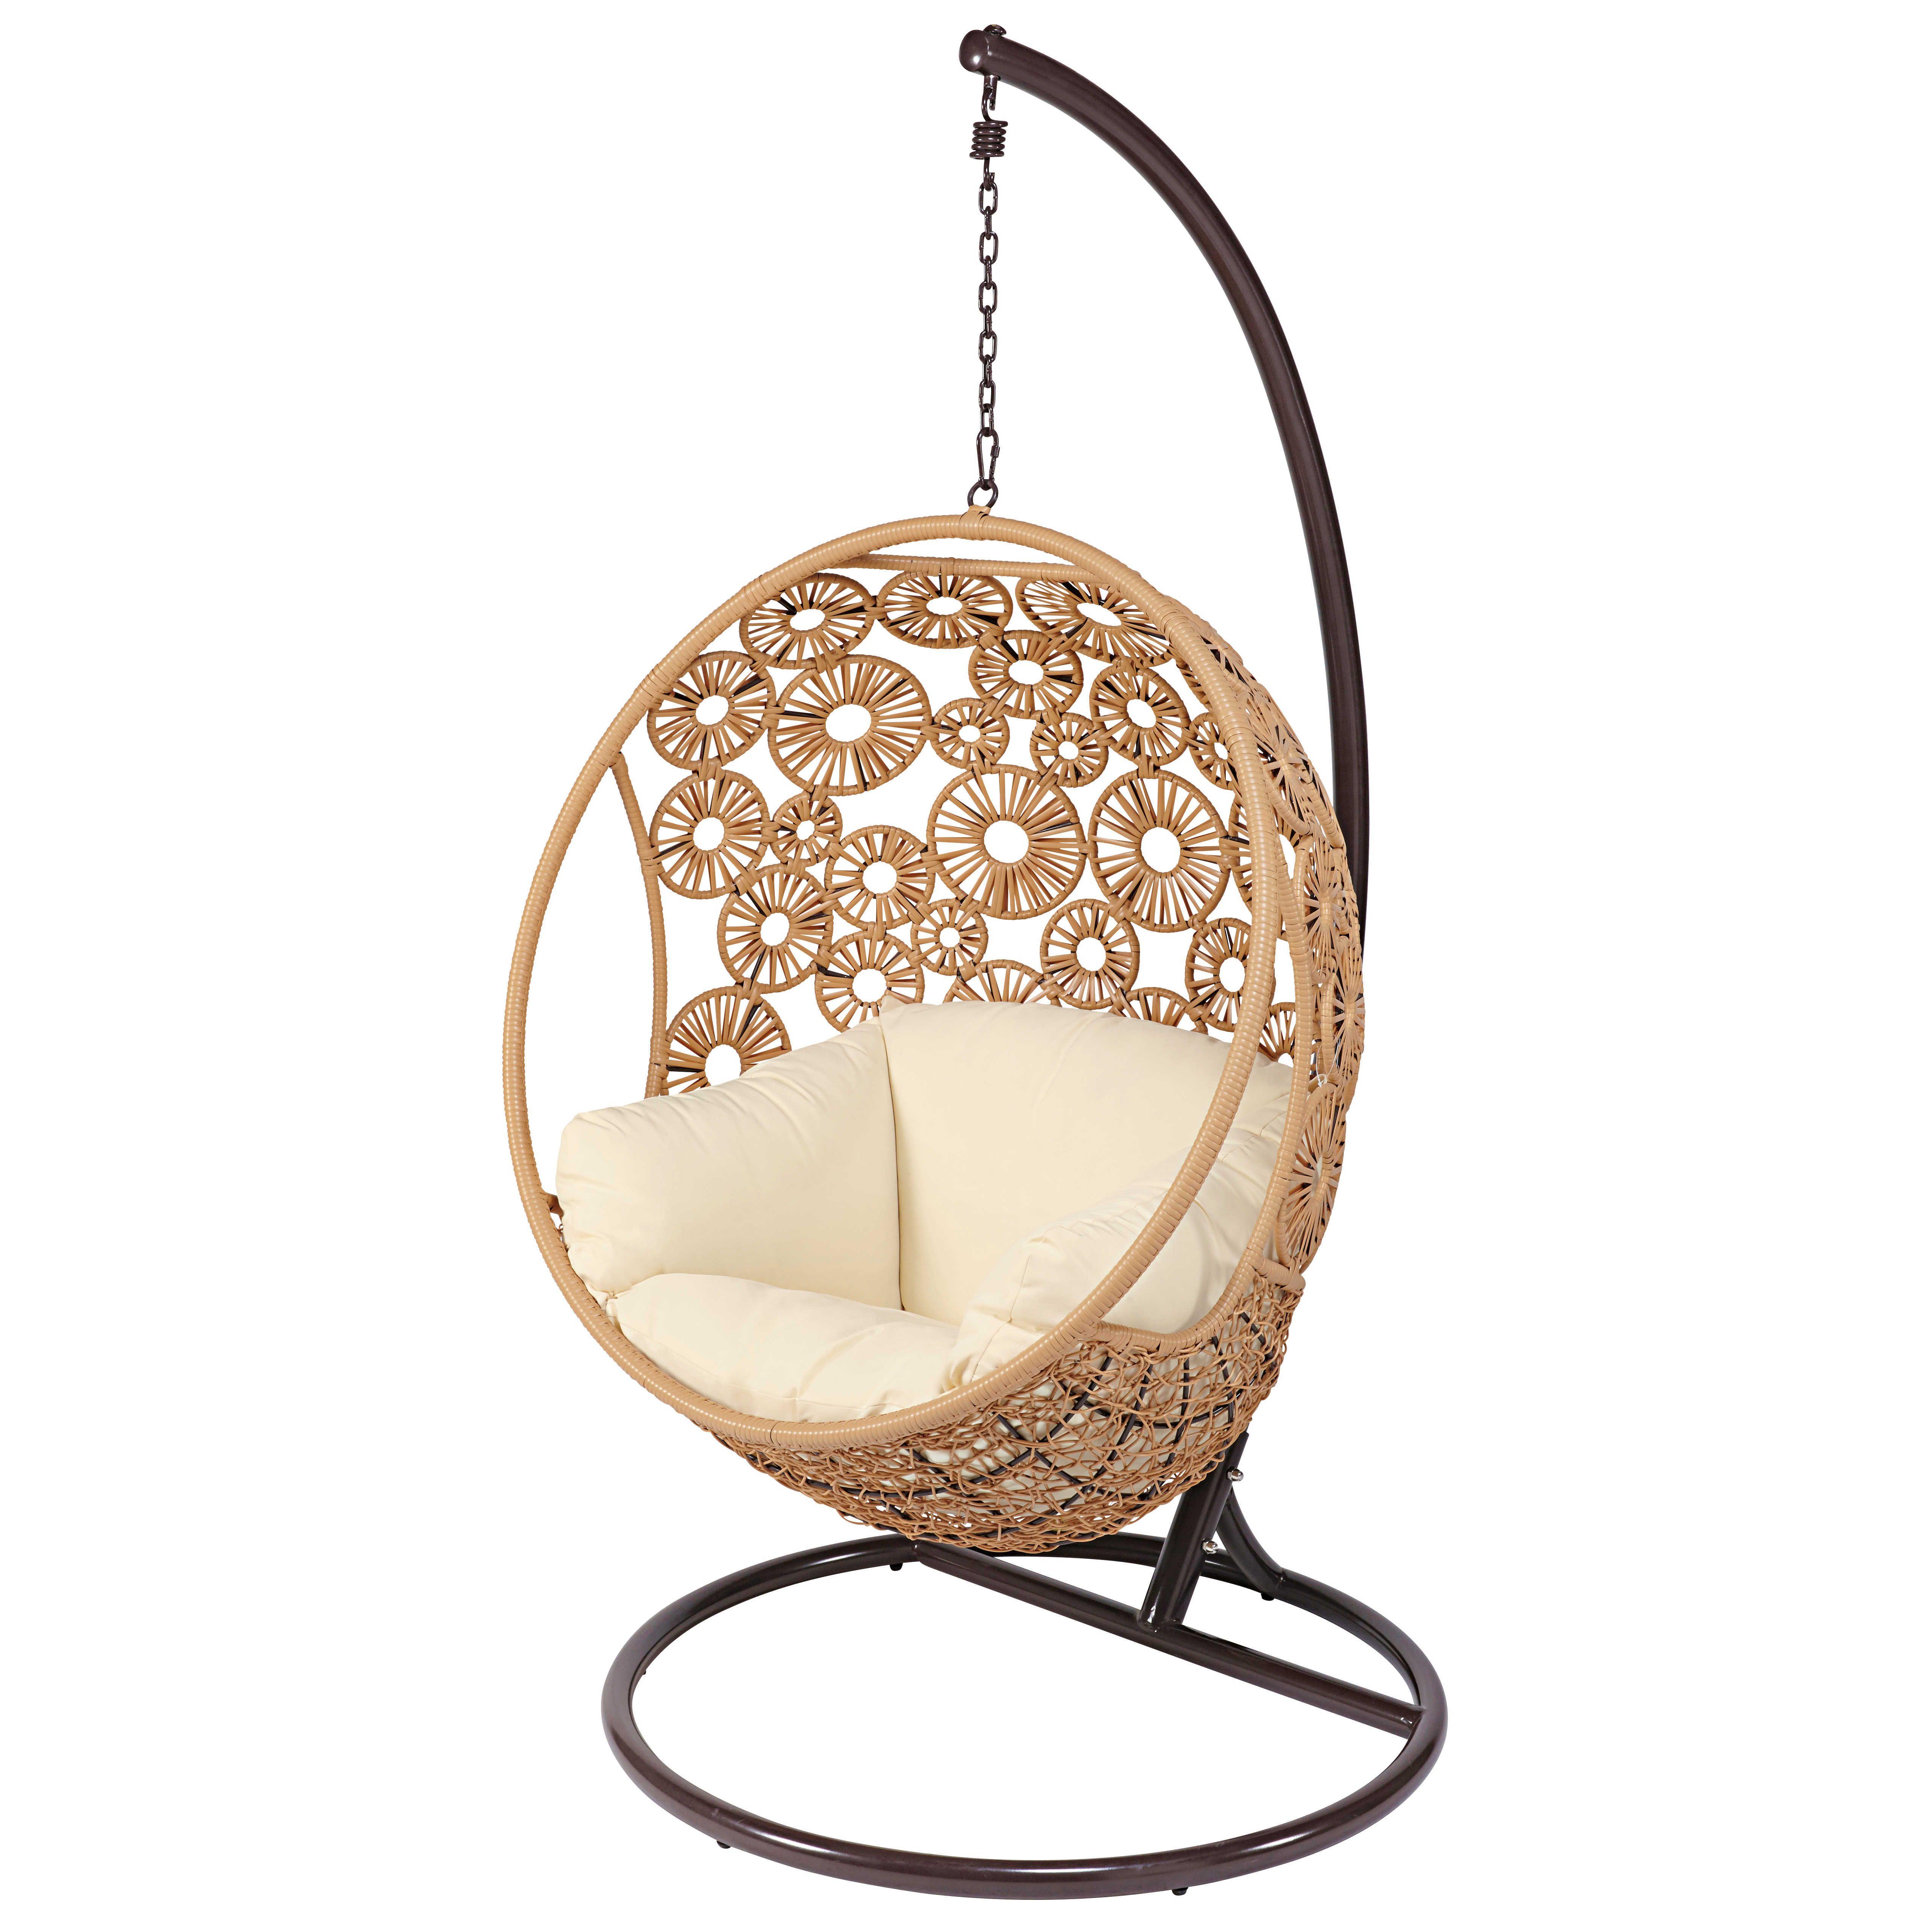 Garten Hangesessel Aus Geflochtenem Kunstharz Mit Naturweissem Kissen Maisons Du Monde Resin Wicker Outdoor Wicker Furniture Chair